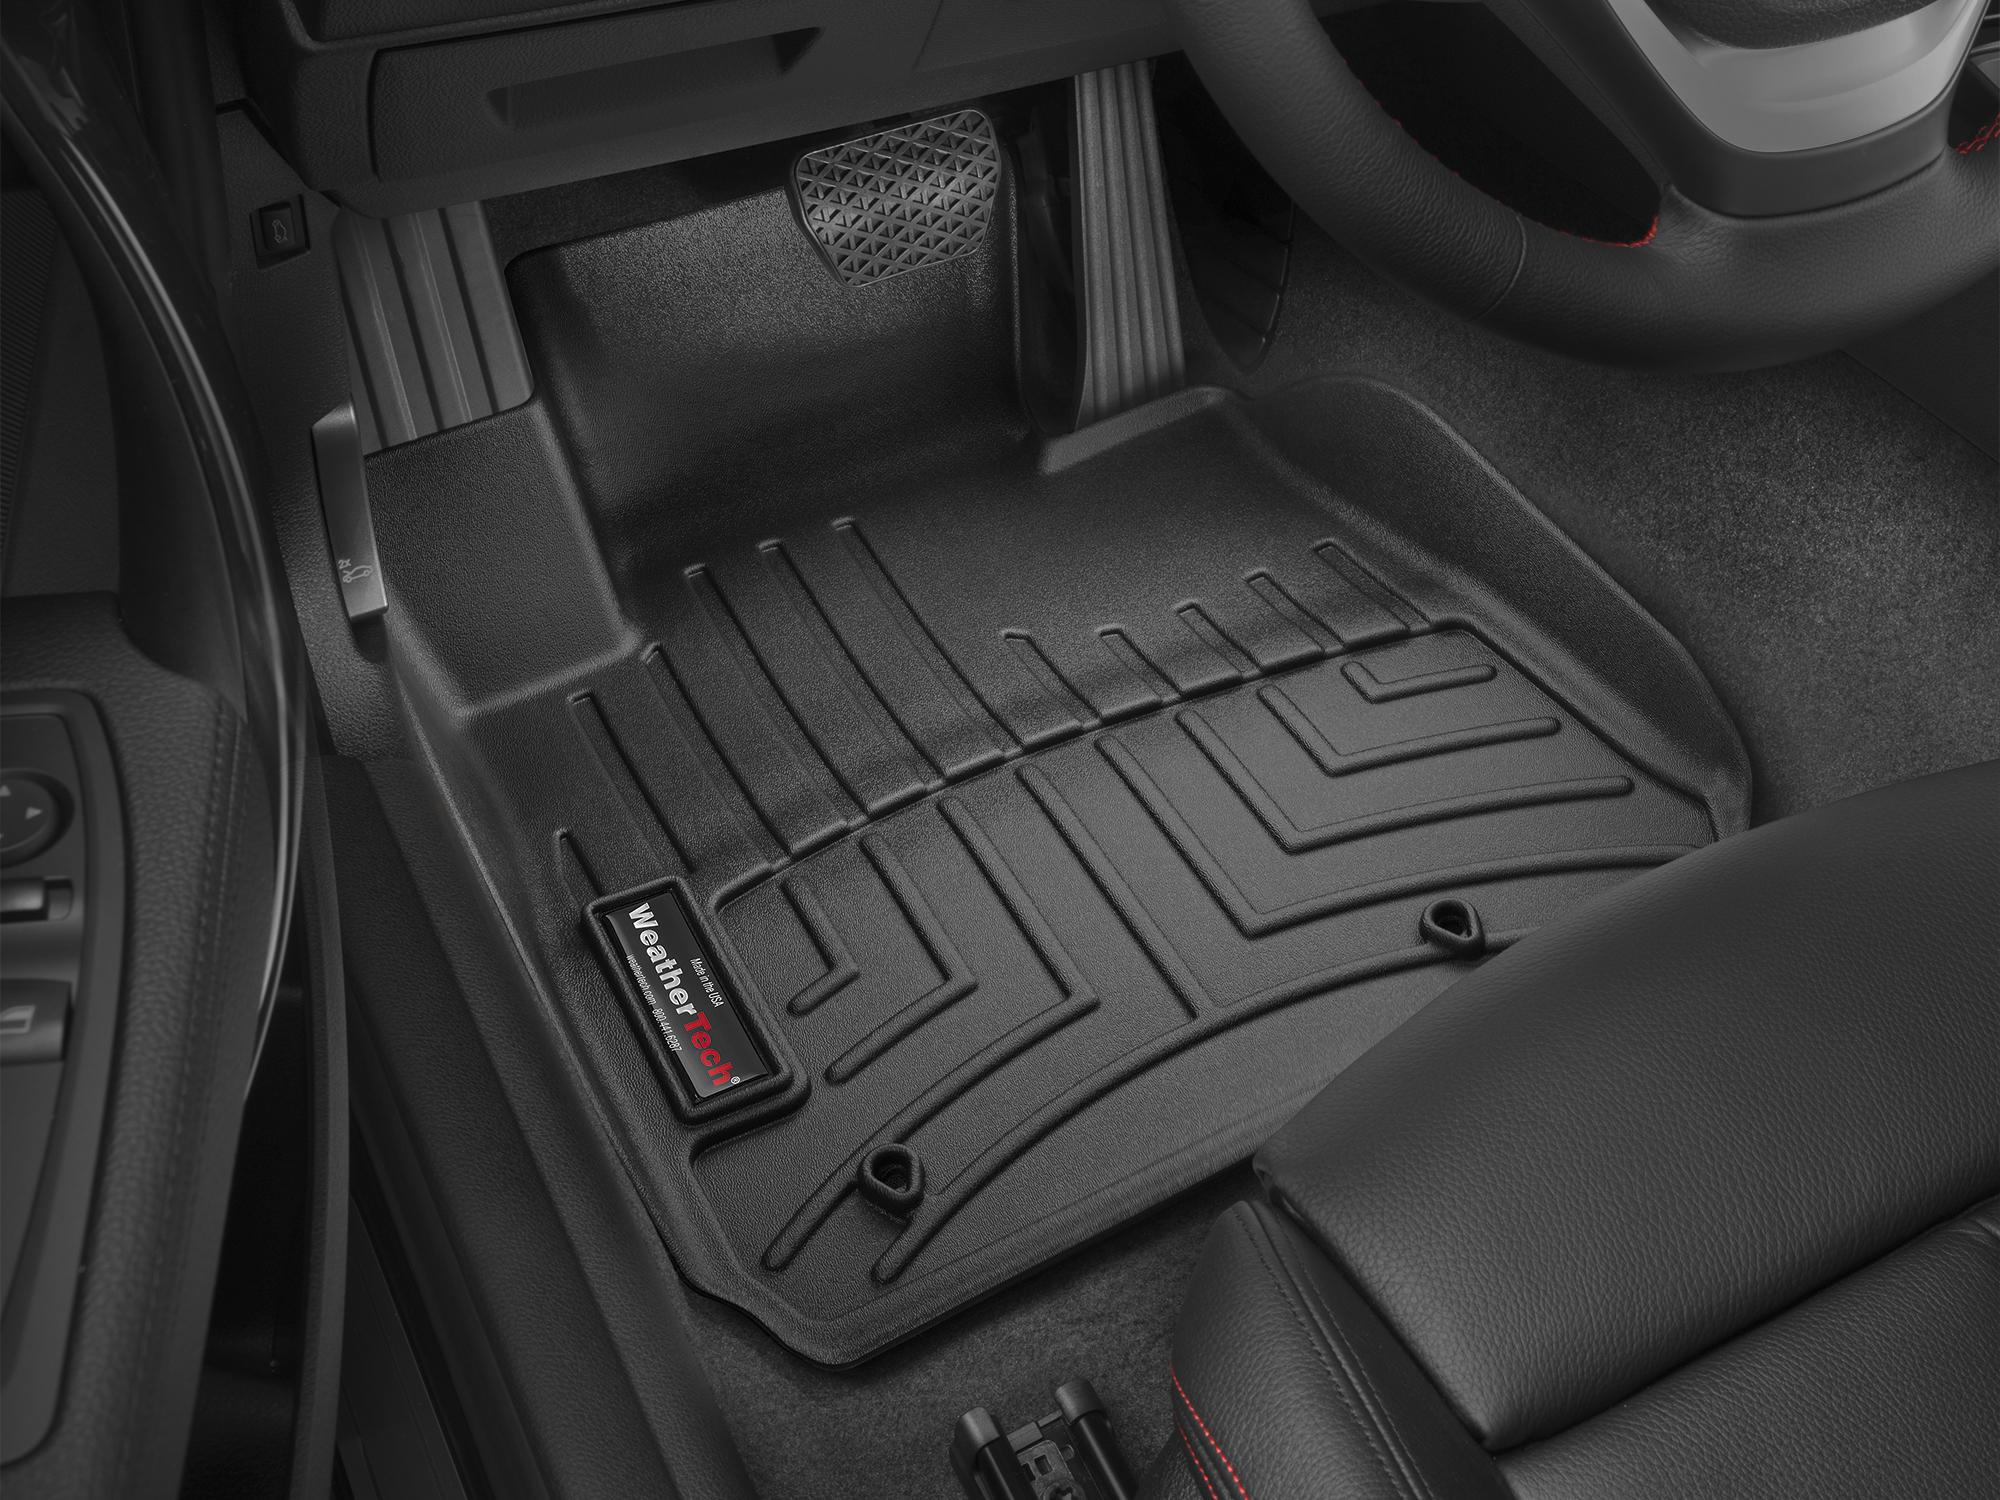 BMW Serie 3 (F30/F31) 12>17 Tappeti gomma su misura bordo alto nero*